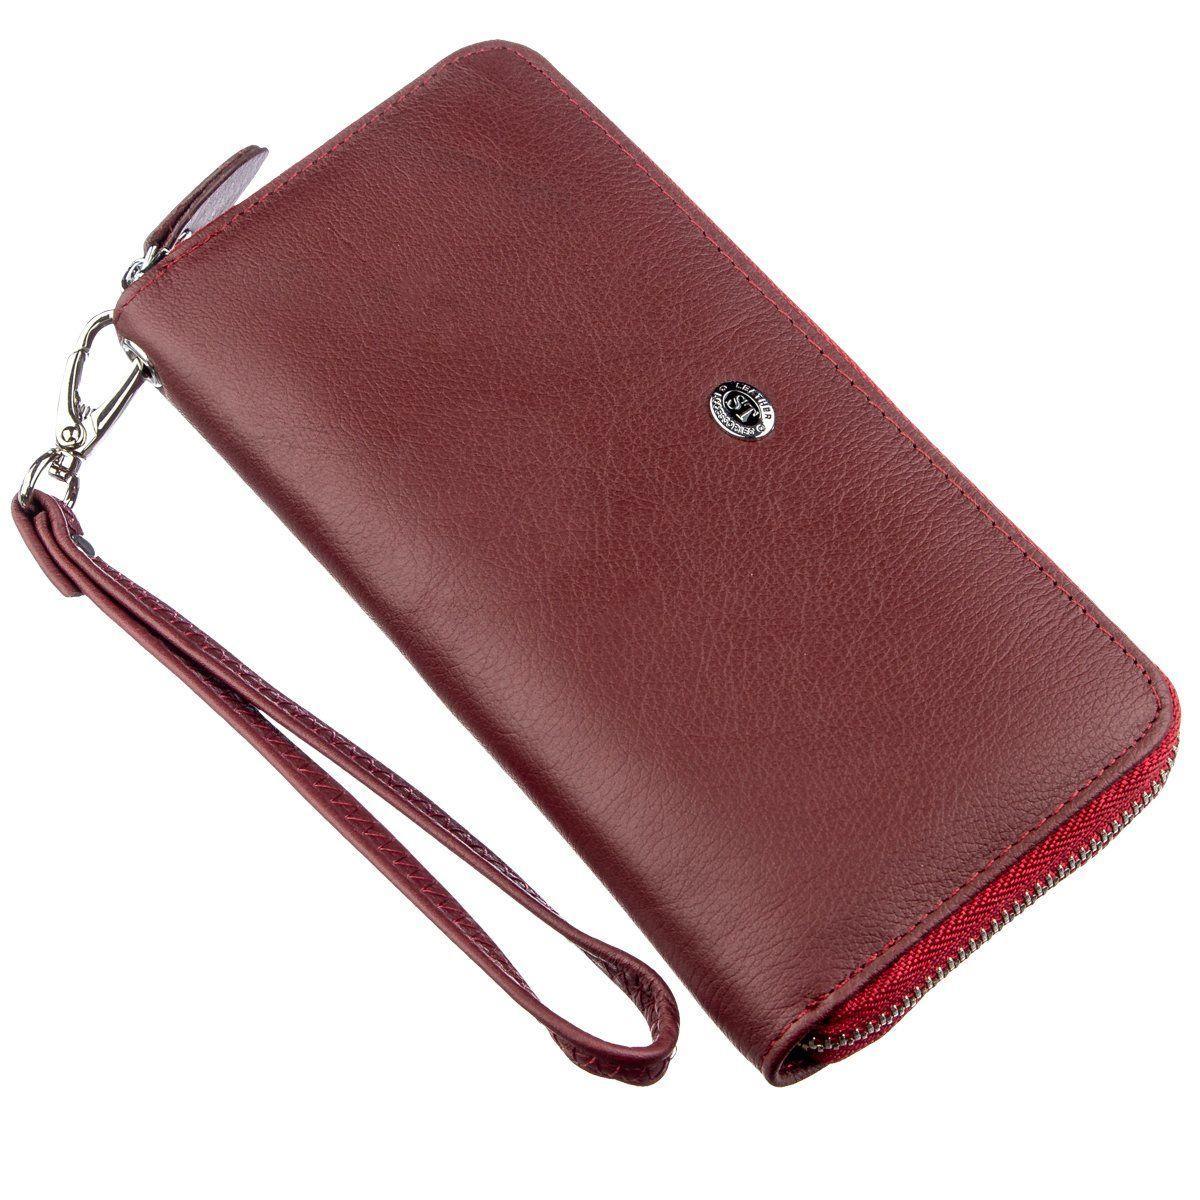 Универсальный клатч-кошелек для женщин ST Leather 18935 Темно-красный, Темно-красный